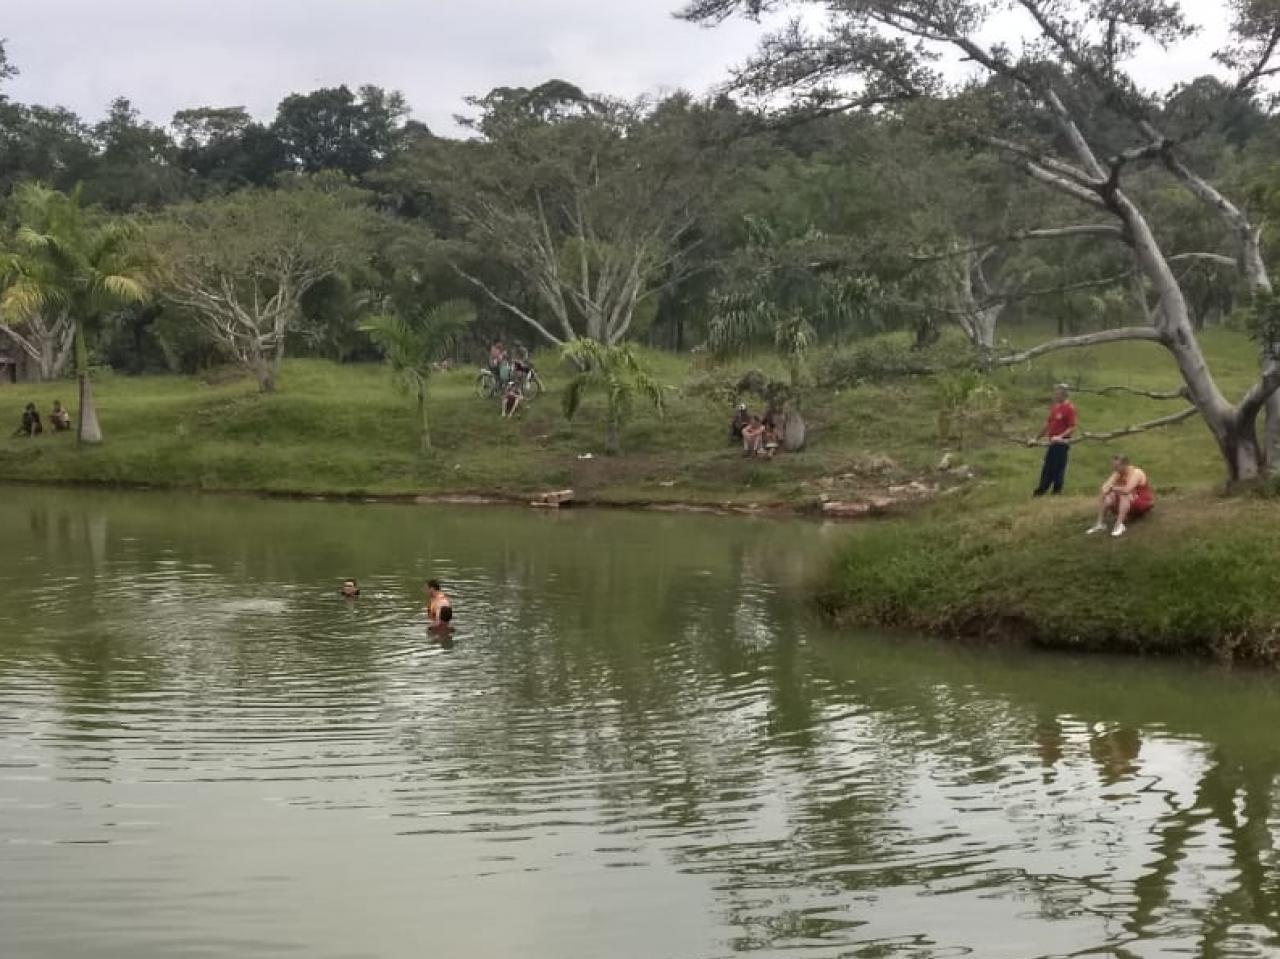 Adolescente morre afogado em Criciúma